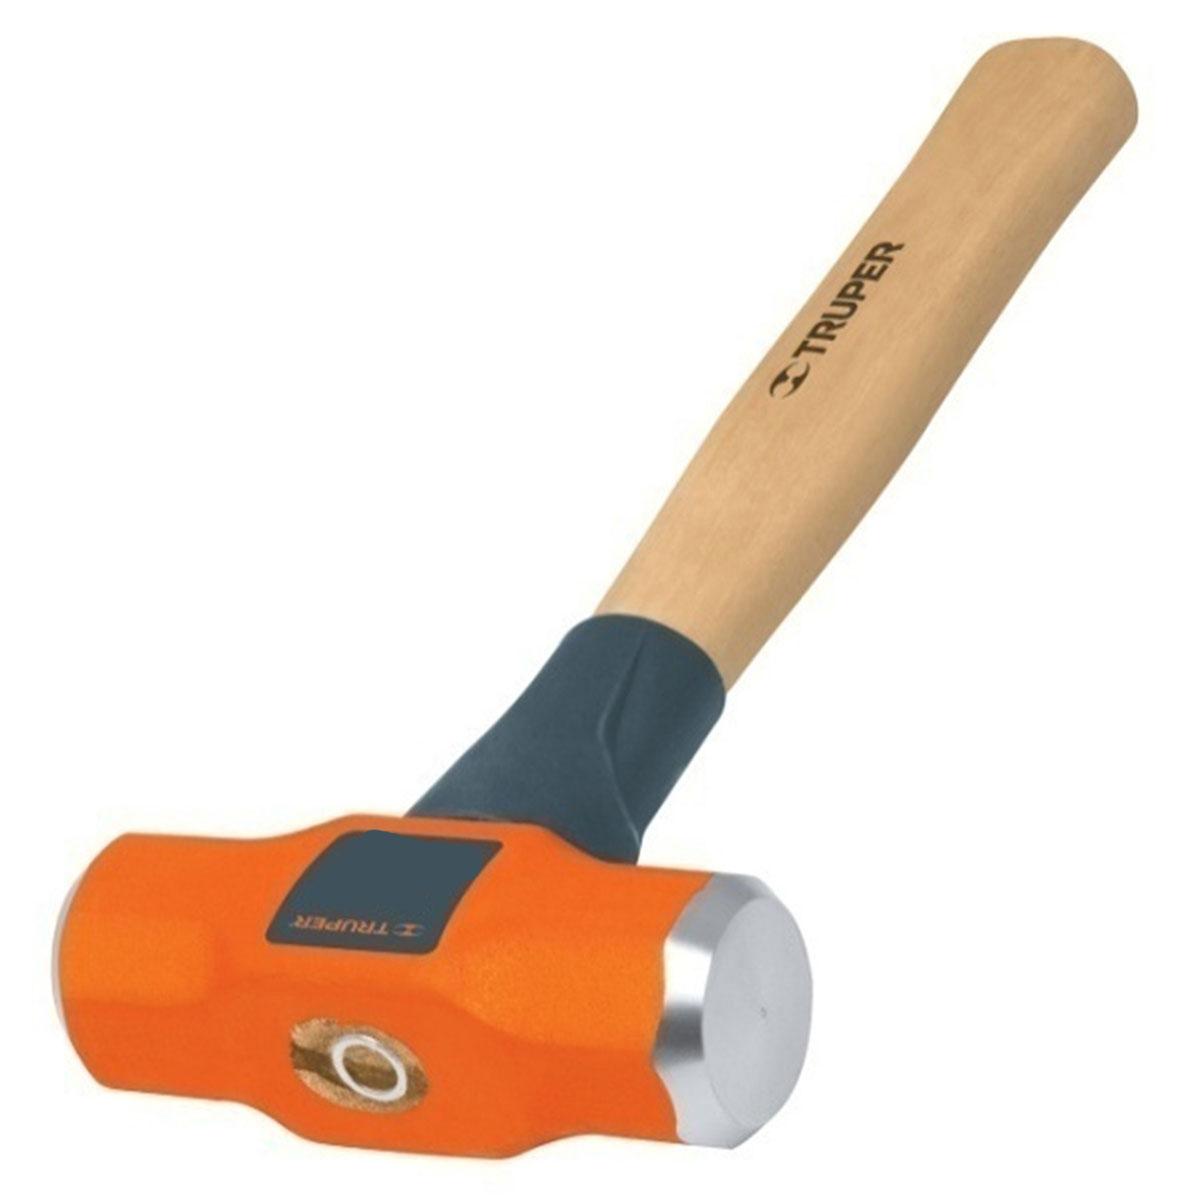 Кувалда Truper, с деревянной рукояткой, 1,13 кгMD-2.5MКувалда Truper предназначена для нанесения исключительно сильных ударов при обработке металла, на демонтаже и монтаже конструкций. Деревянная ручка с антишоковой защитой, изготовленная из дуба, обеспечивает надежный хват. Финишная обработка бойка.